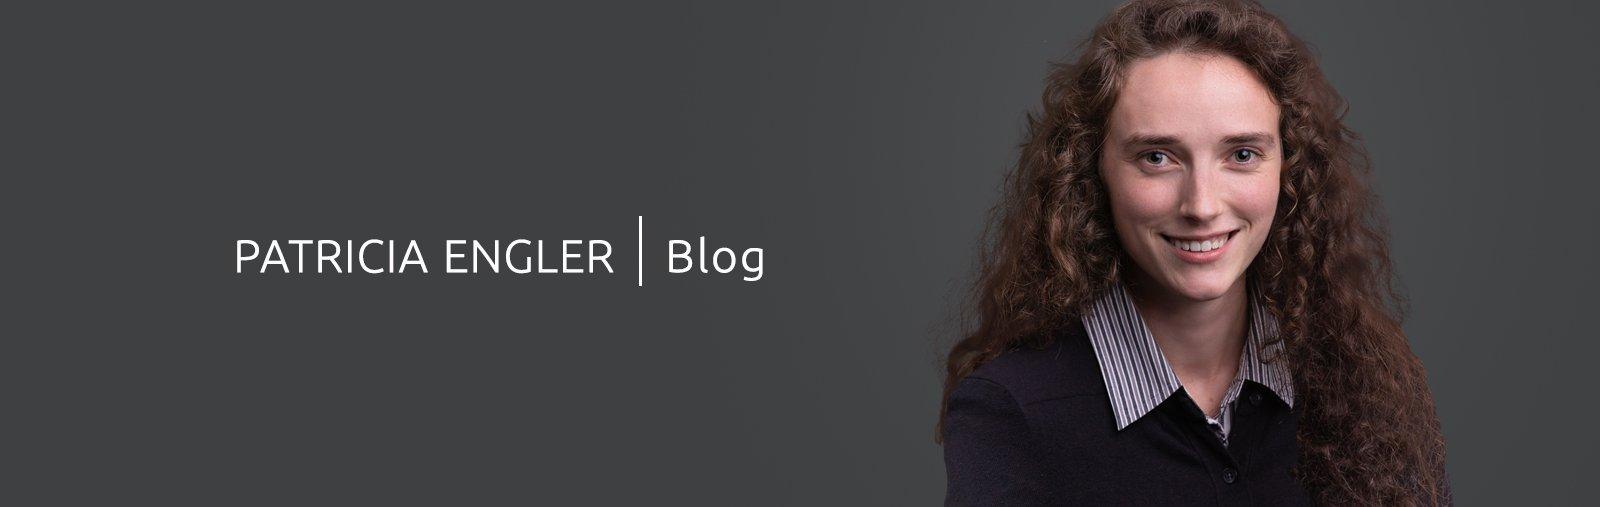 Patricia Engler's Blog